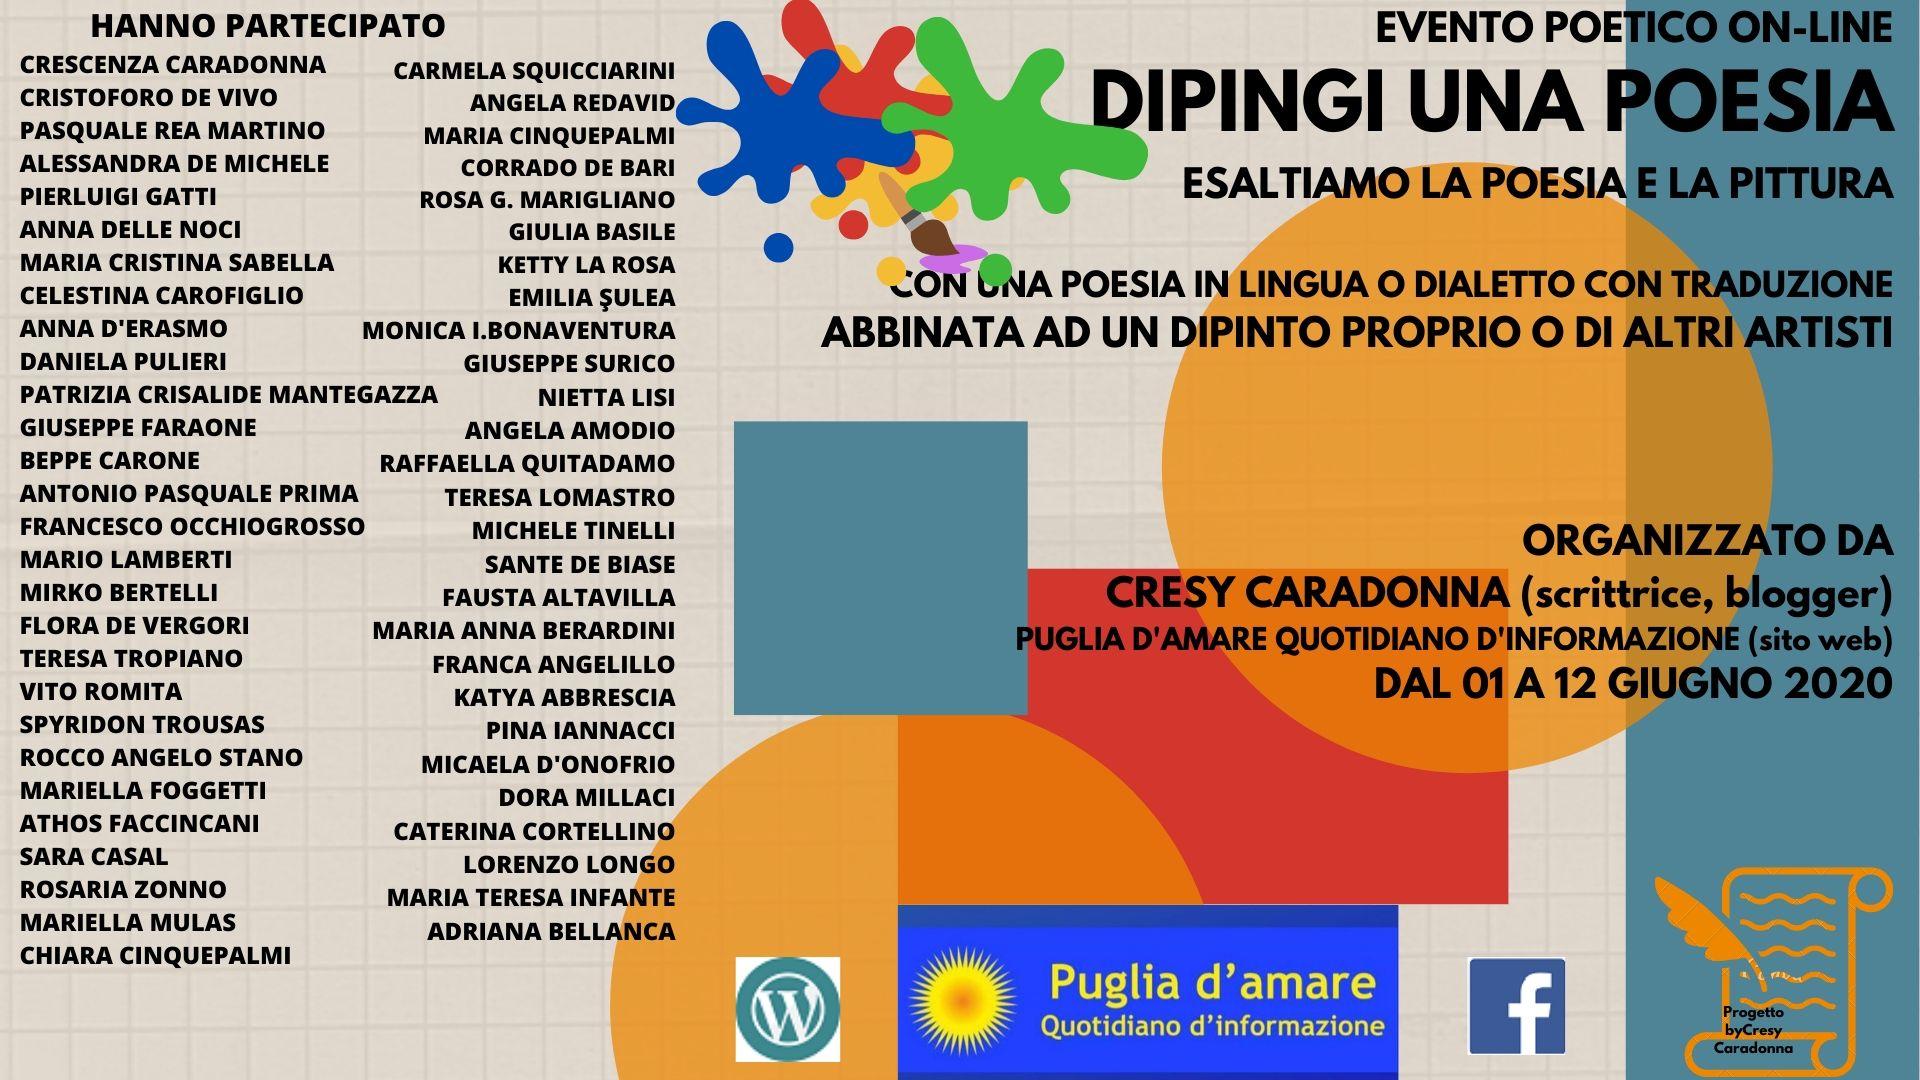 """TUTTI I NOMI DEI PARTECIPANTI: EVENTO POETICO/ARTISTICO ON-LINE """" DIPINGI UNA POESIA"""""""